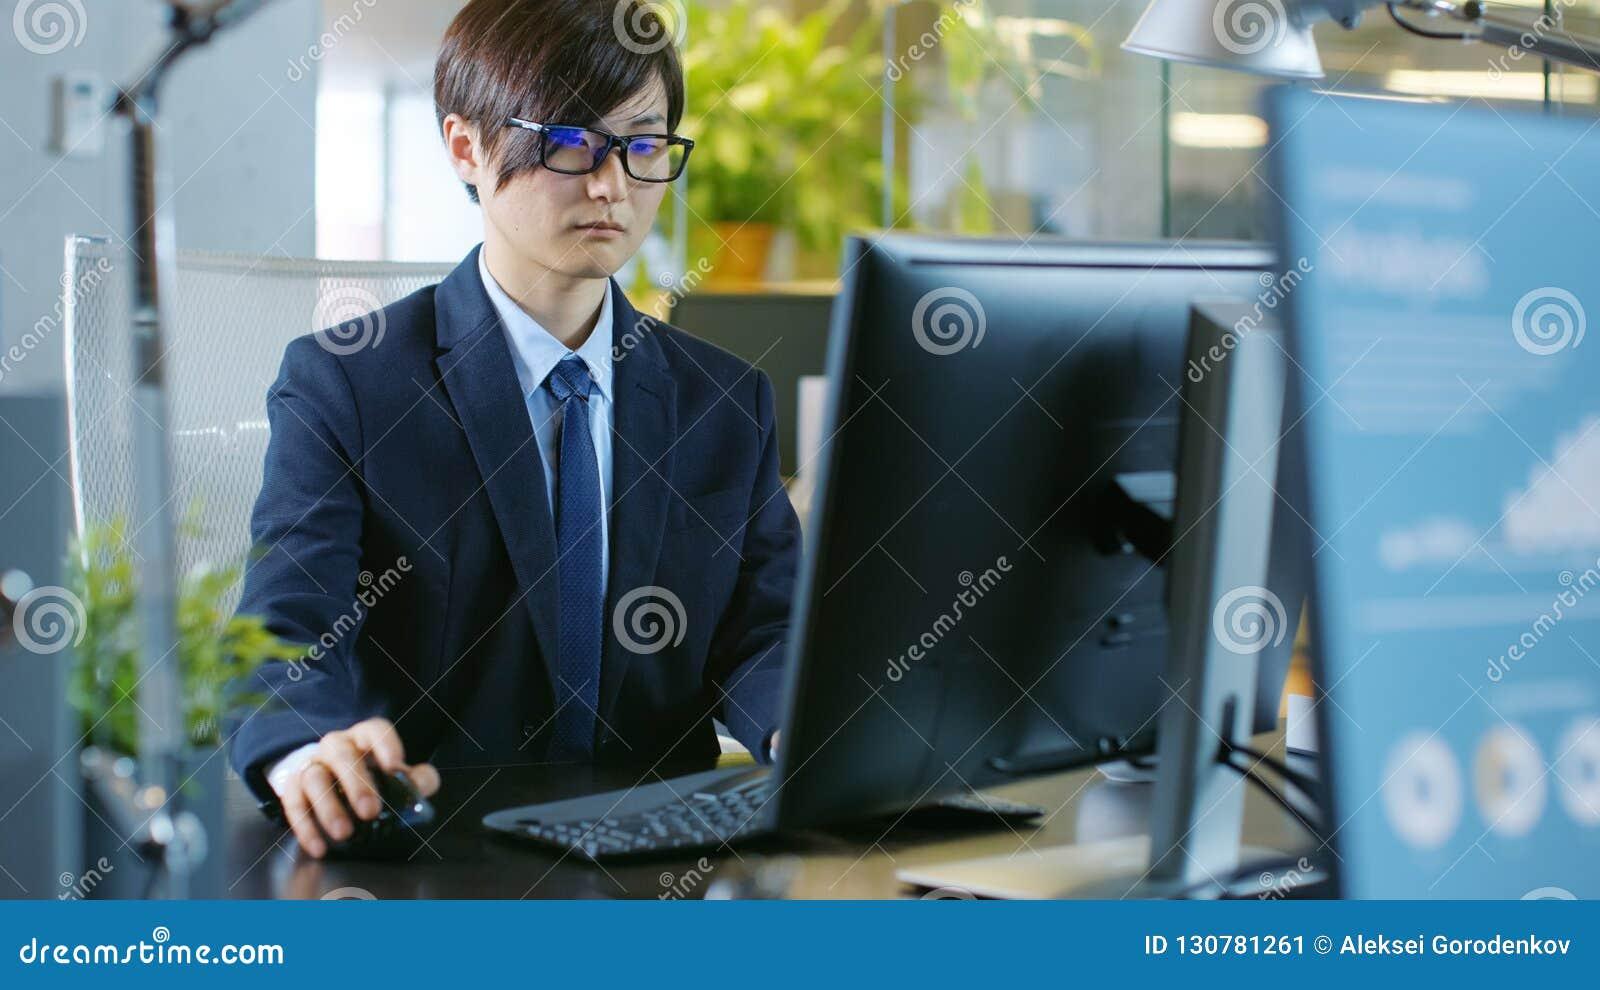 En oficina el hombre de negocios asiático del este trabaja en una mesa personal